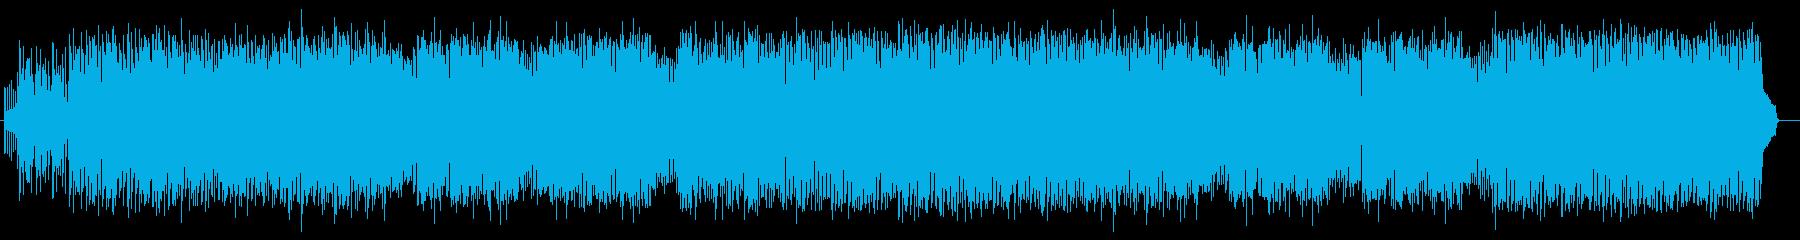 軽快でリズミカルなテクノポップの再生済みの波形